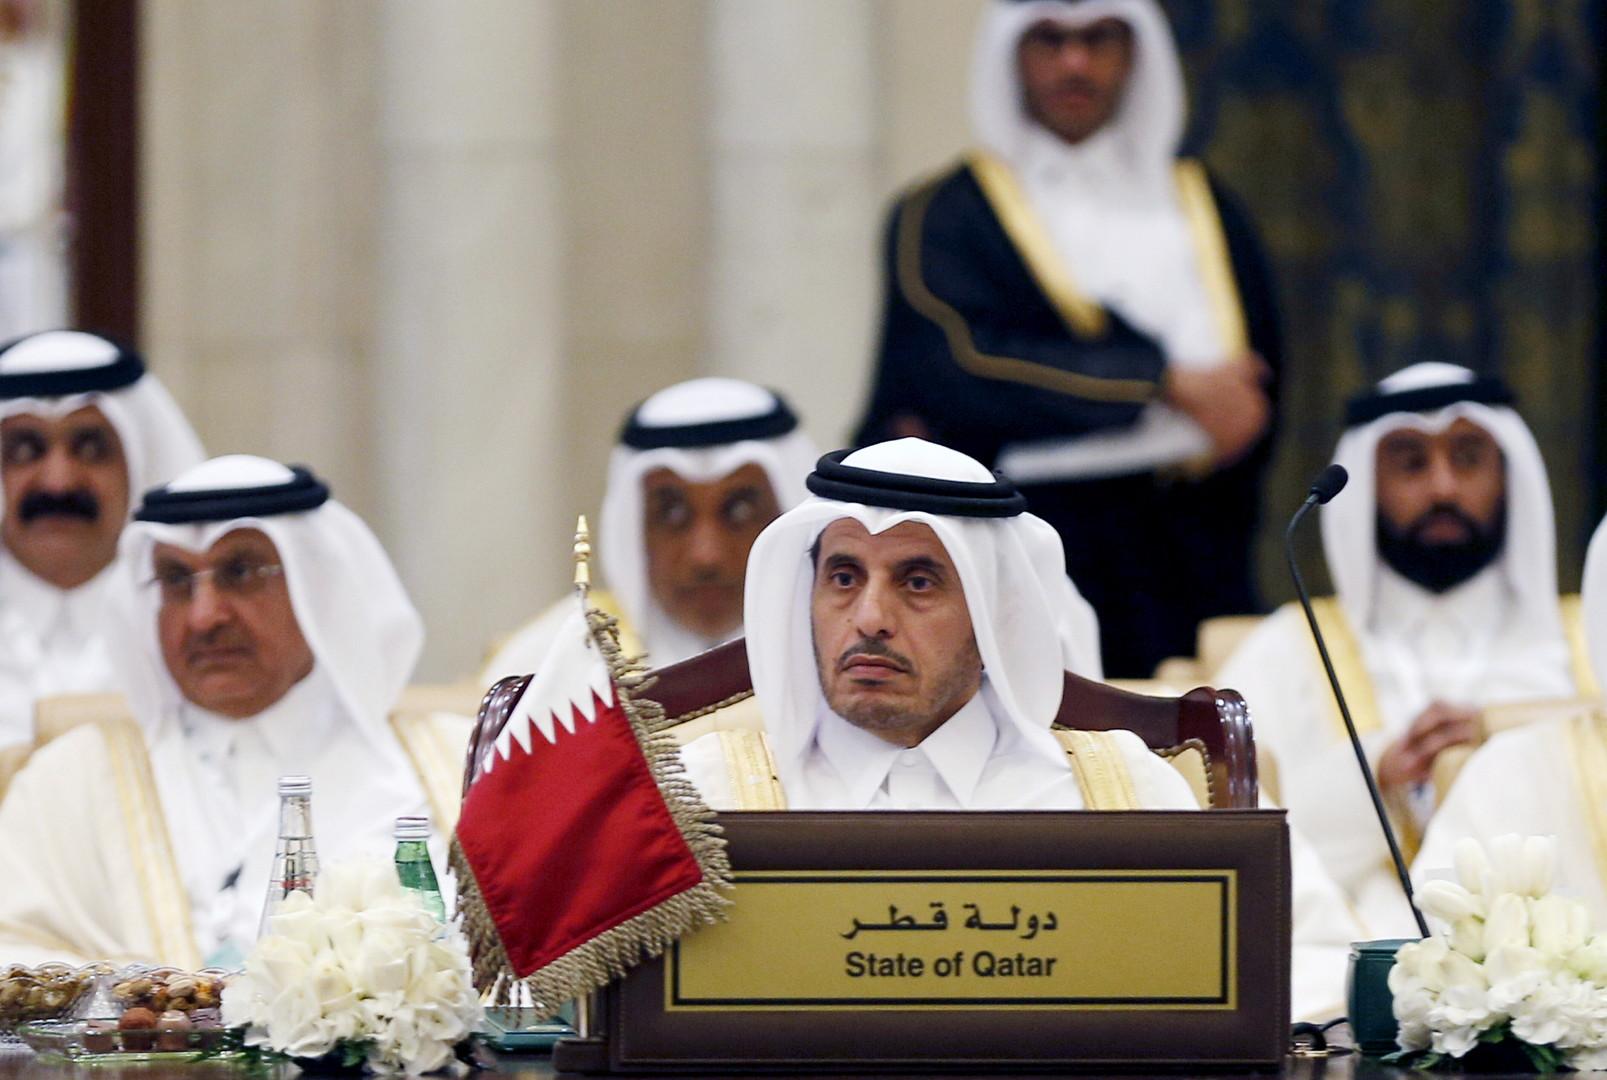 رئيس مجلس وزراء قطر، الشيخ عبدالله بن ناصر بن خليفة آل ثاني، في الرياض (27 أبريل 2016)